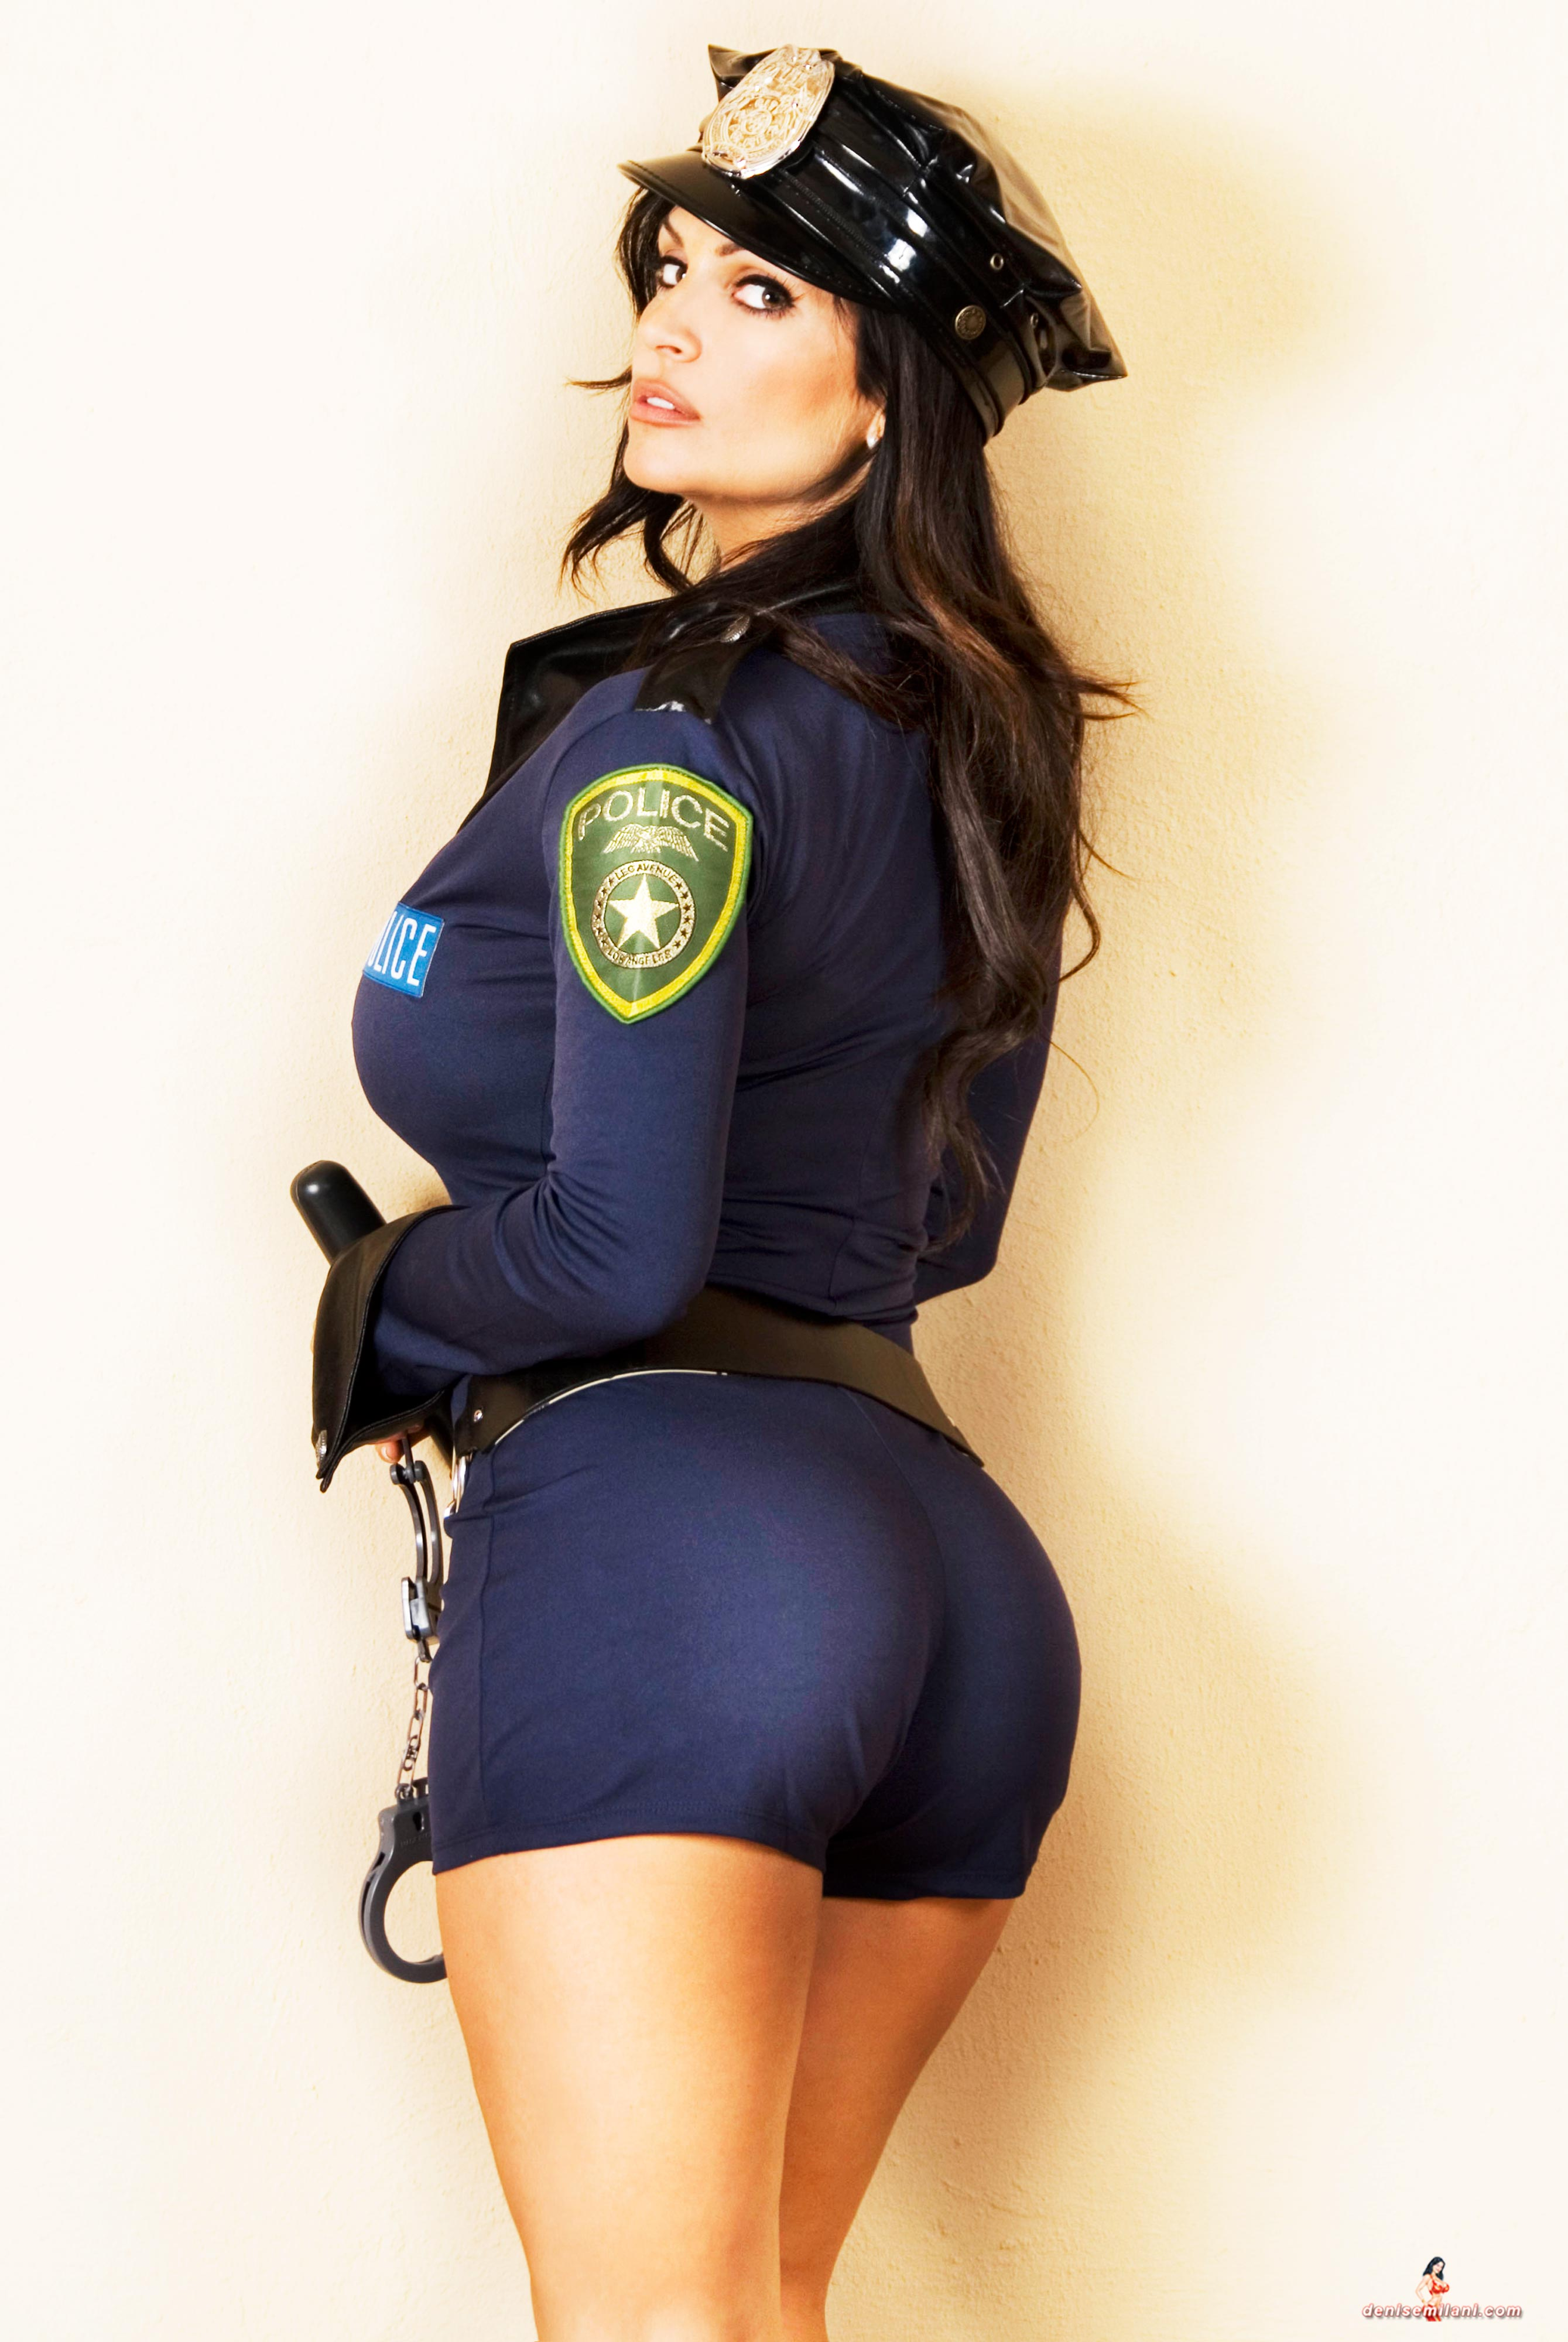 Телку в полицейской форме 3 фотография